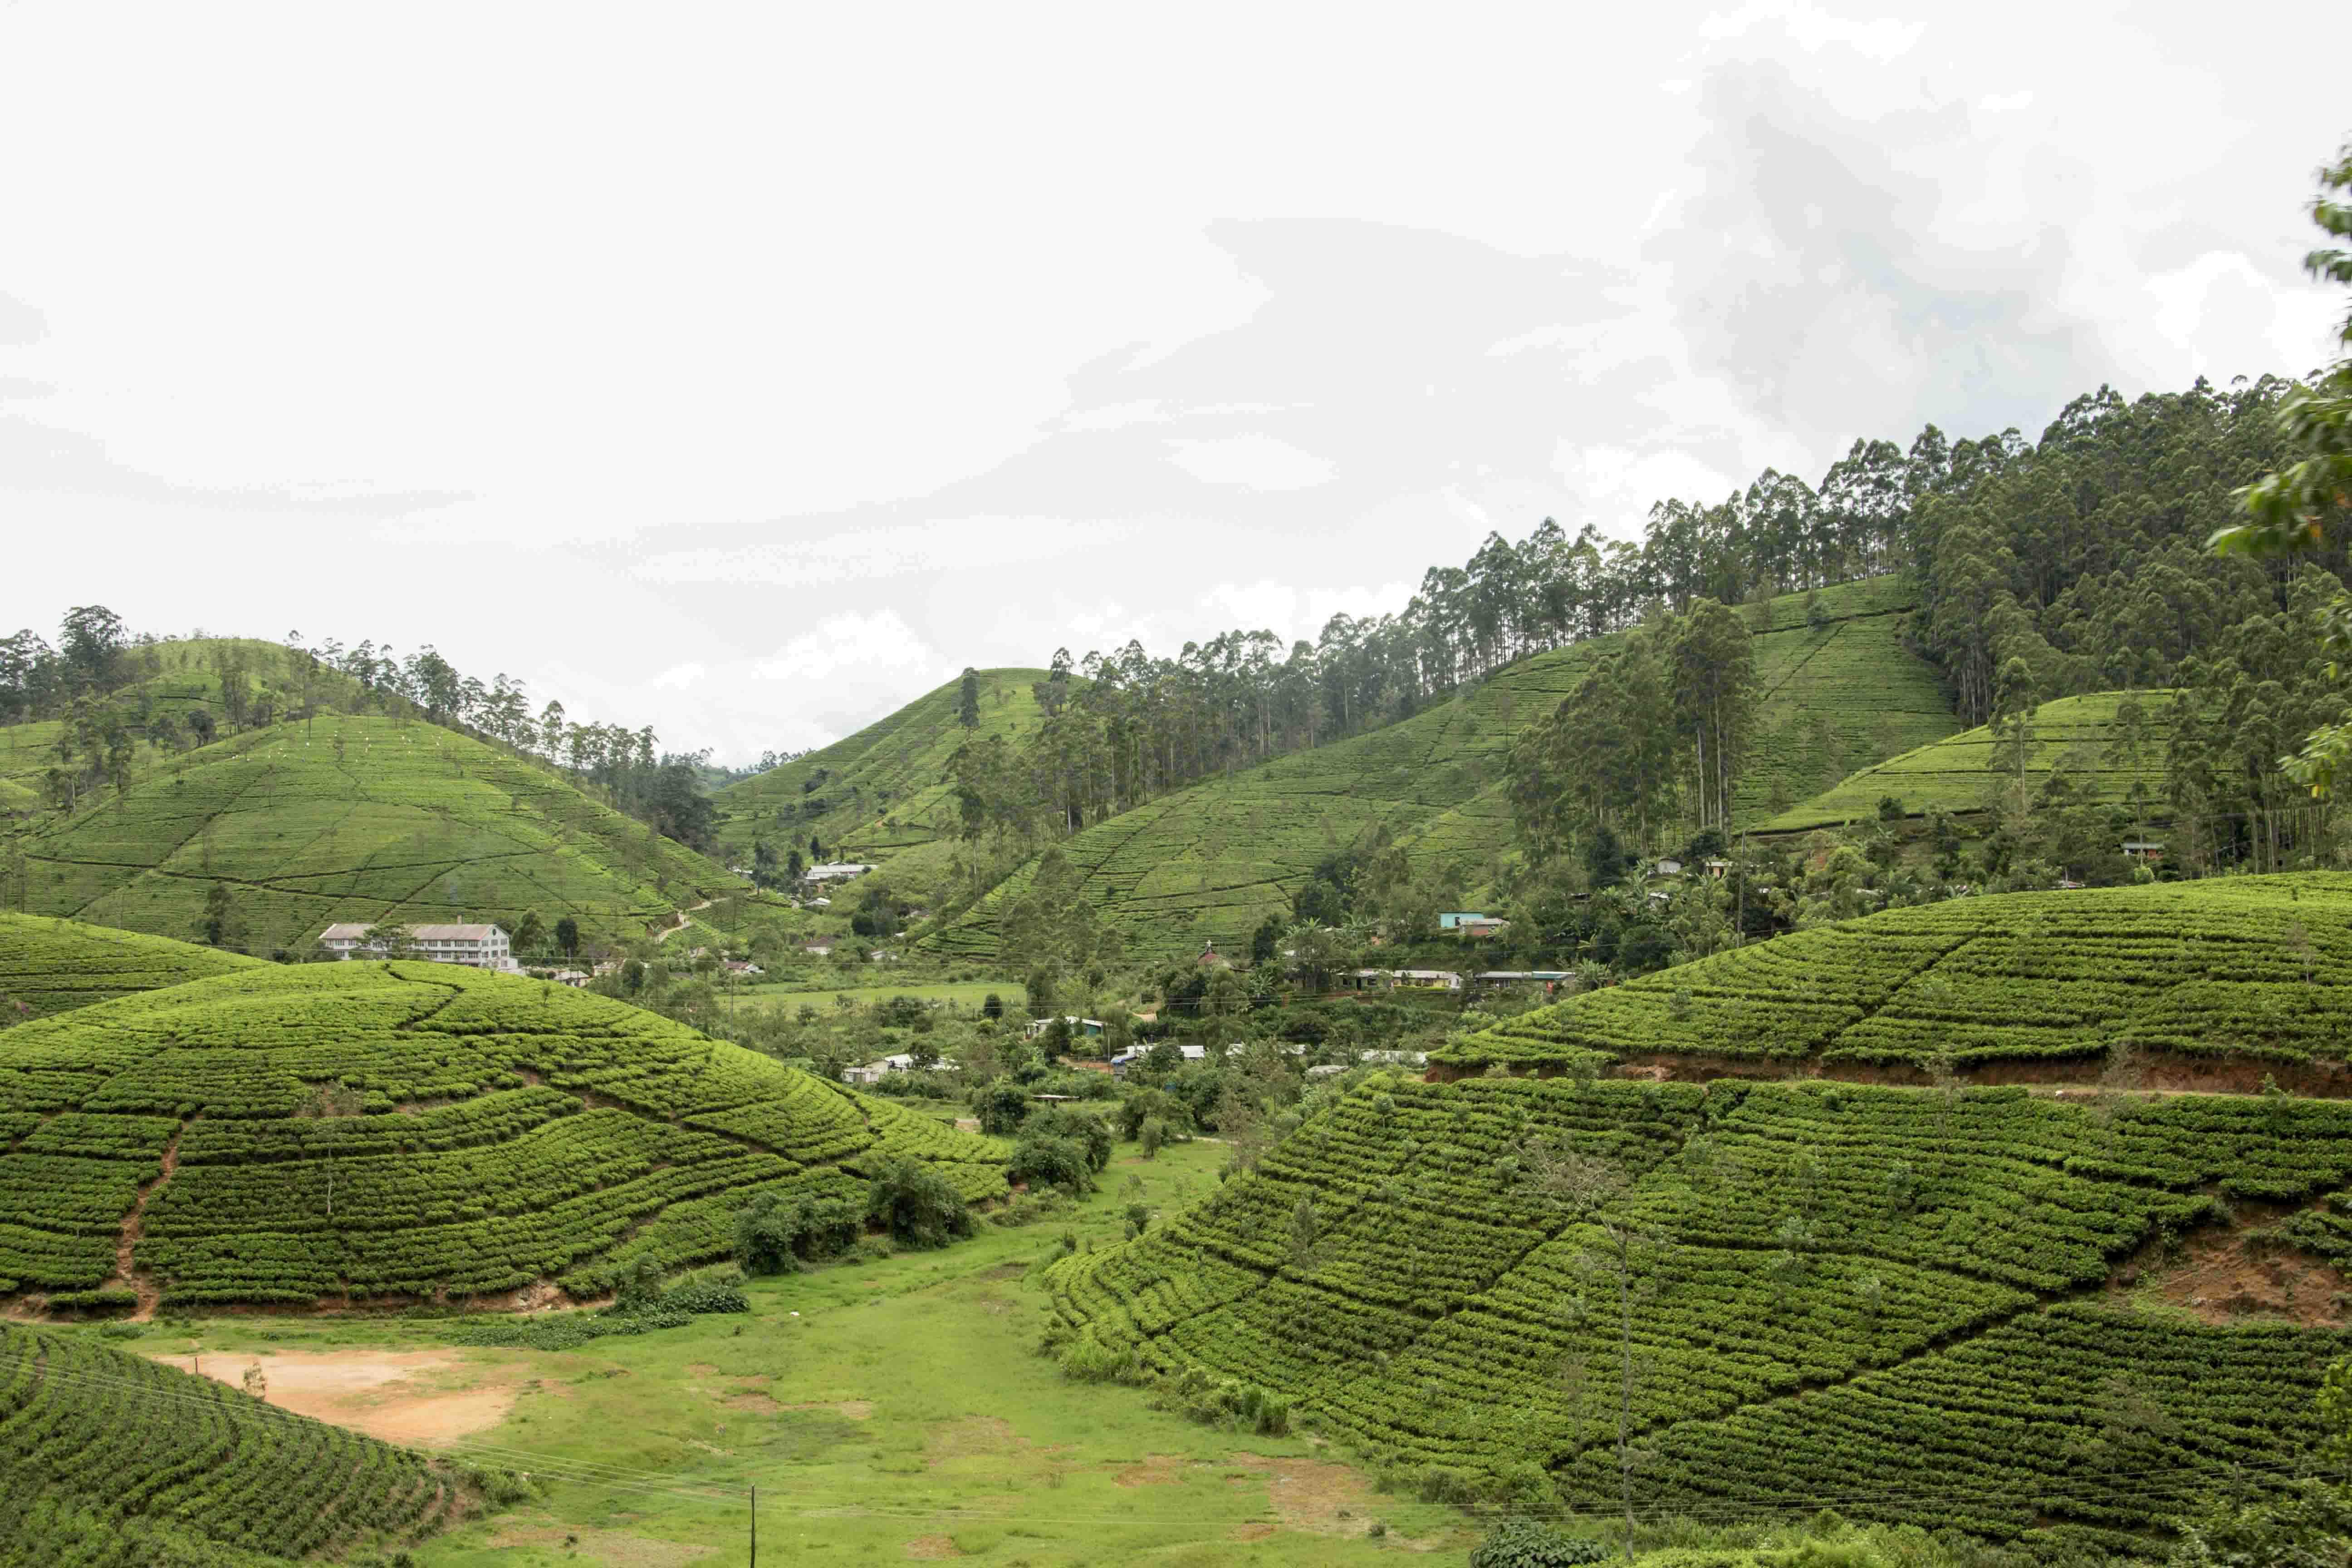 Zugfahrt von Kandy nach Ella - Teeplantagen des Berglands Sri Lankas